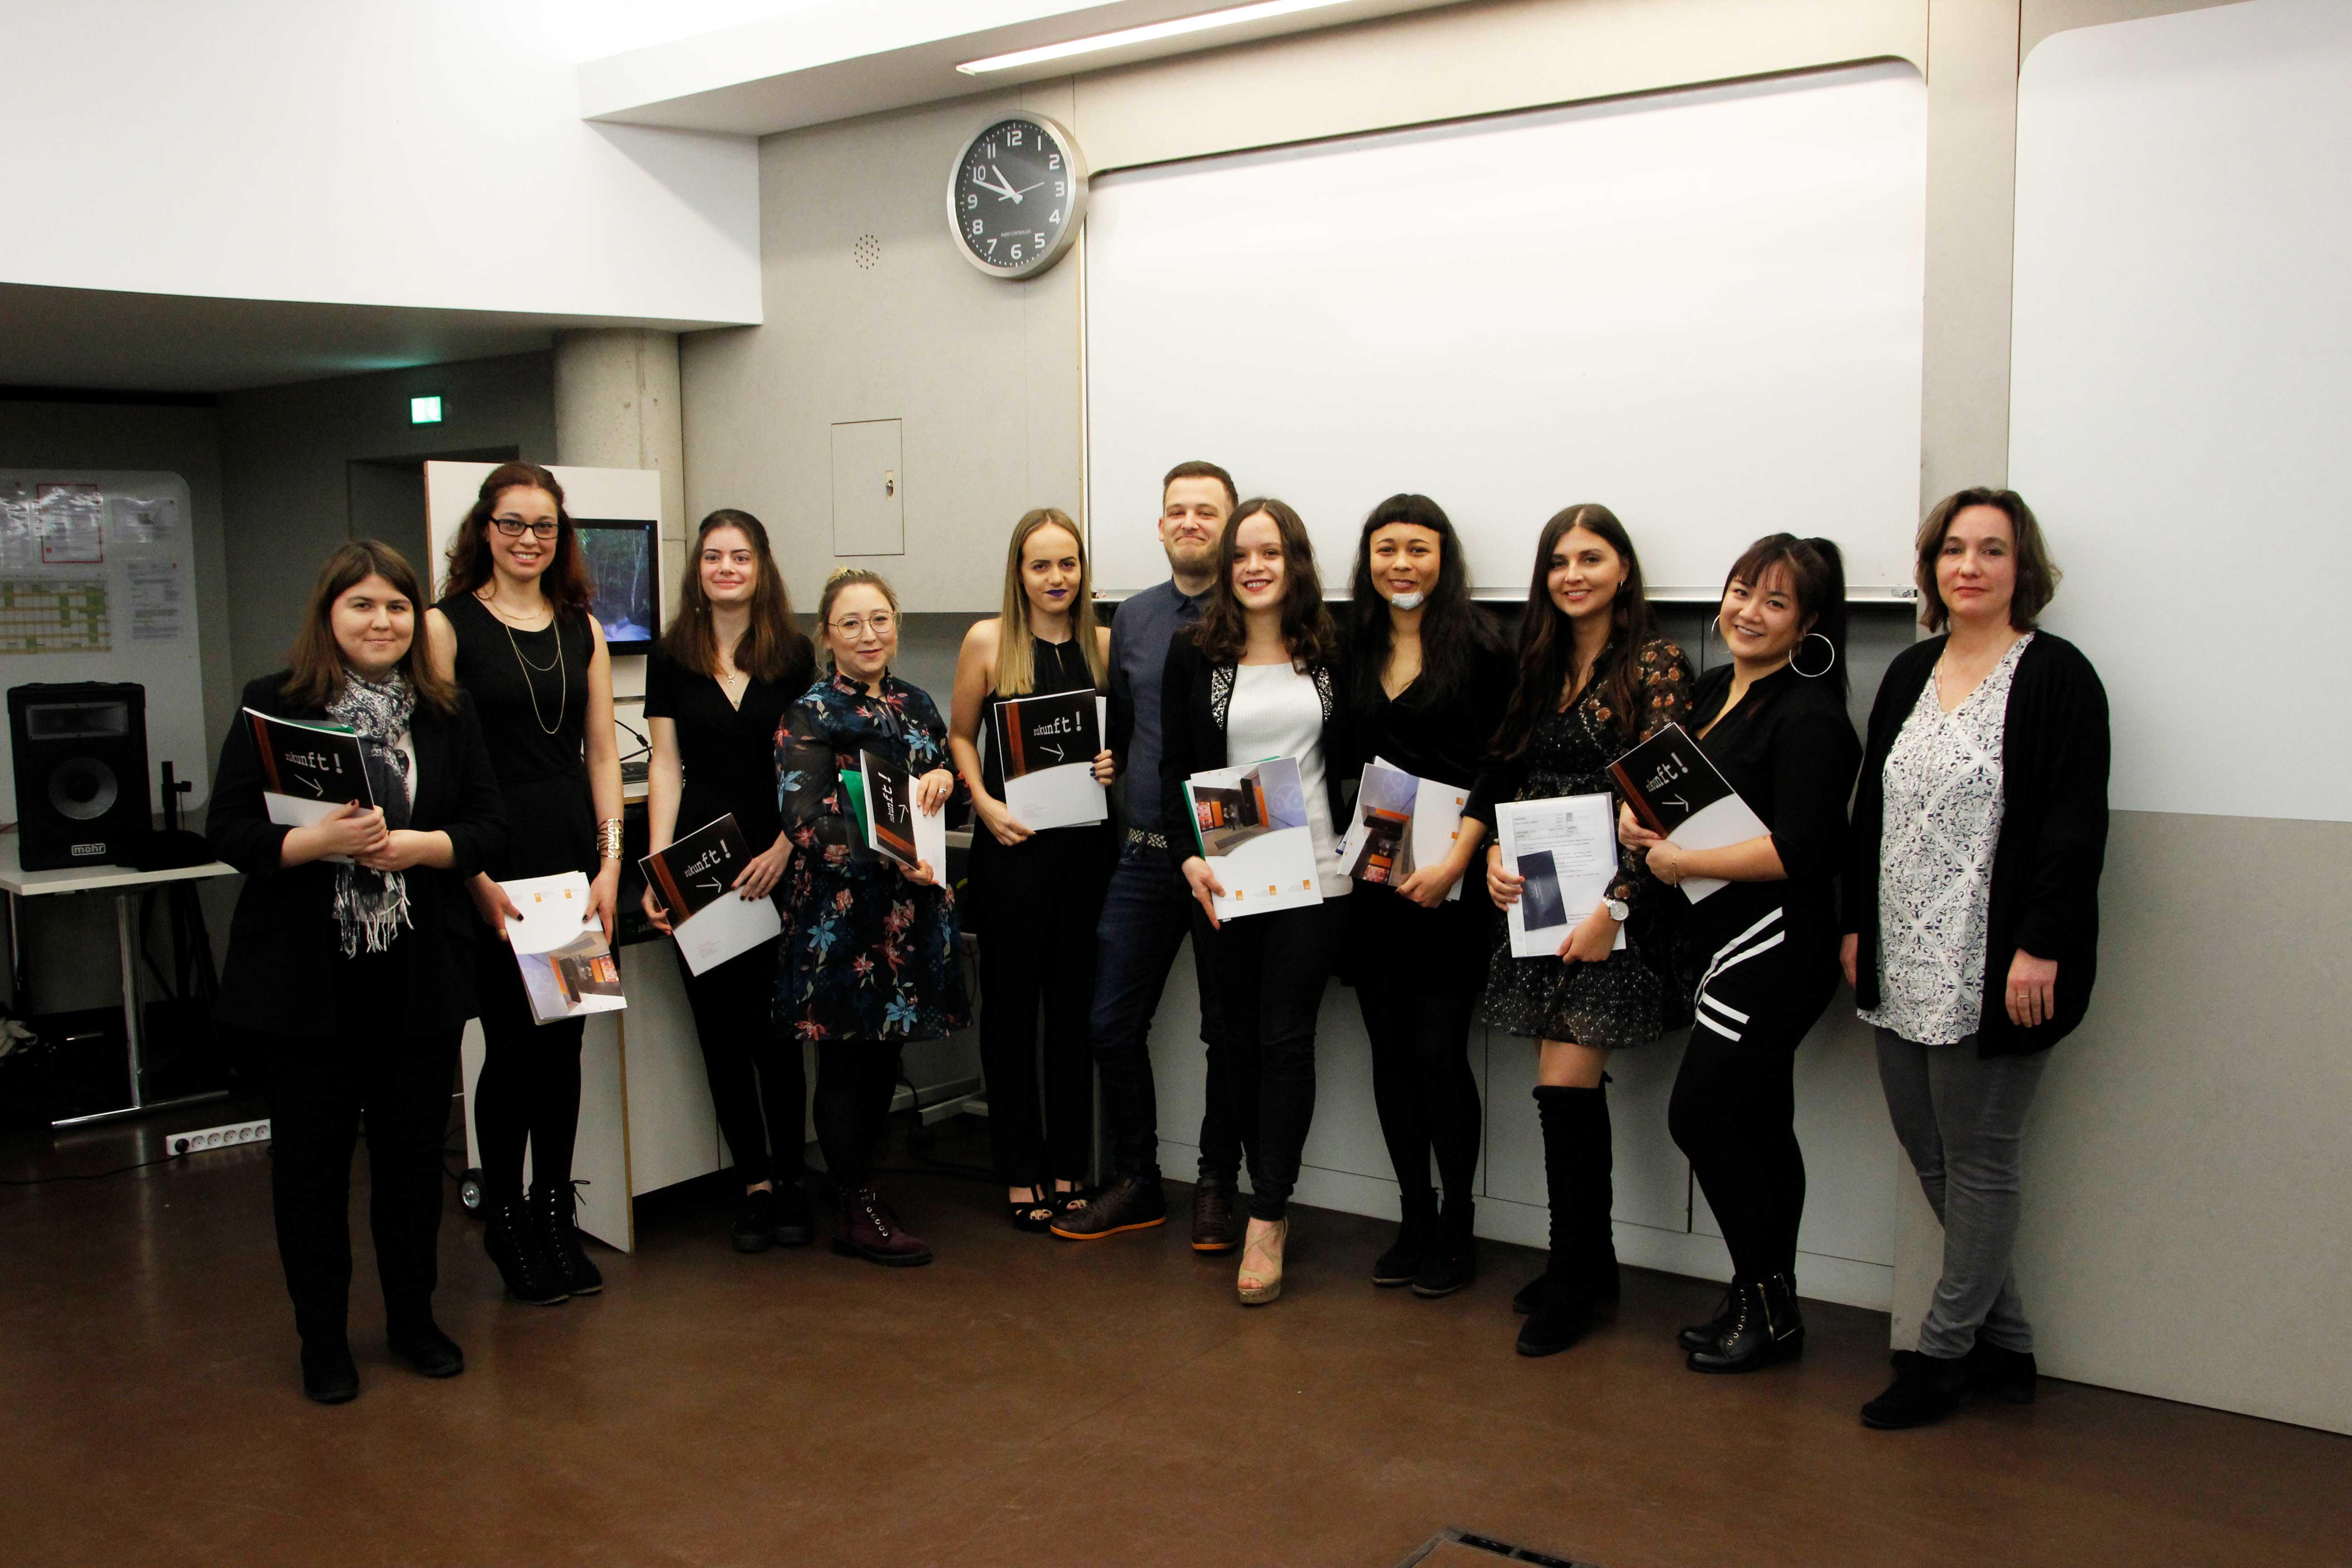 Ausbildung Studium Weiterbildung In Hannover Dr Buhmann Schule